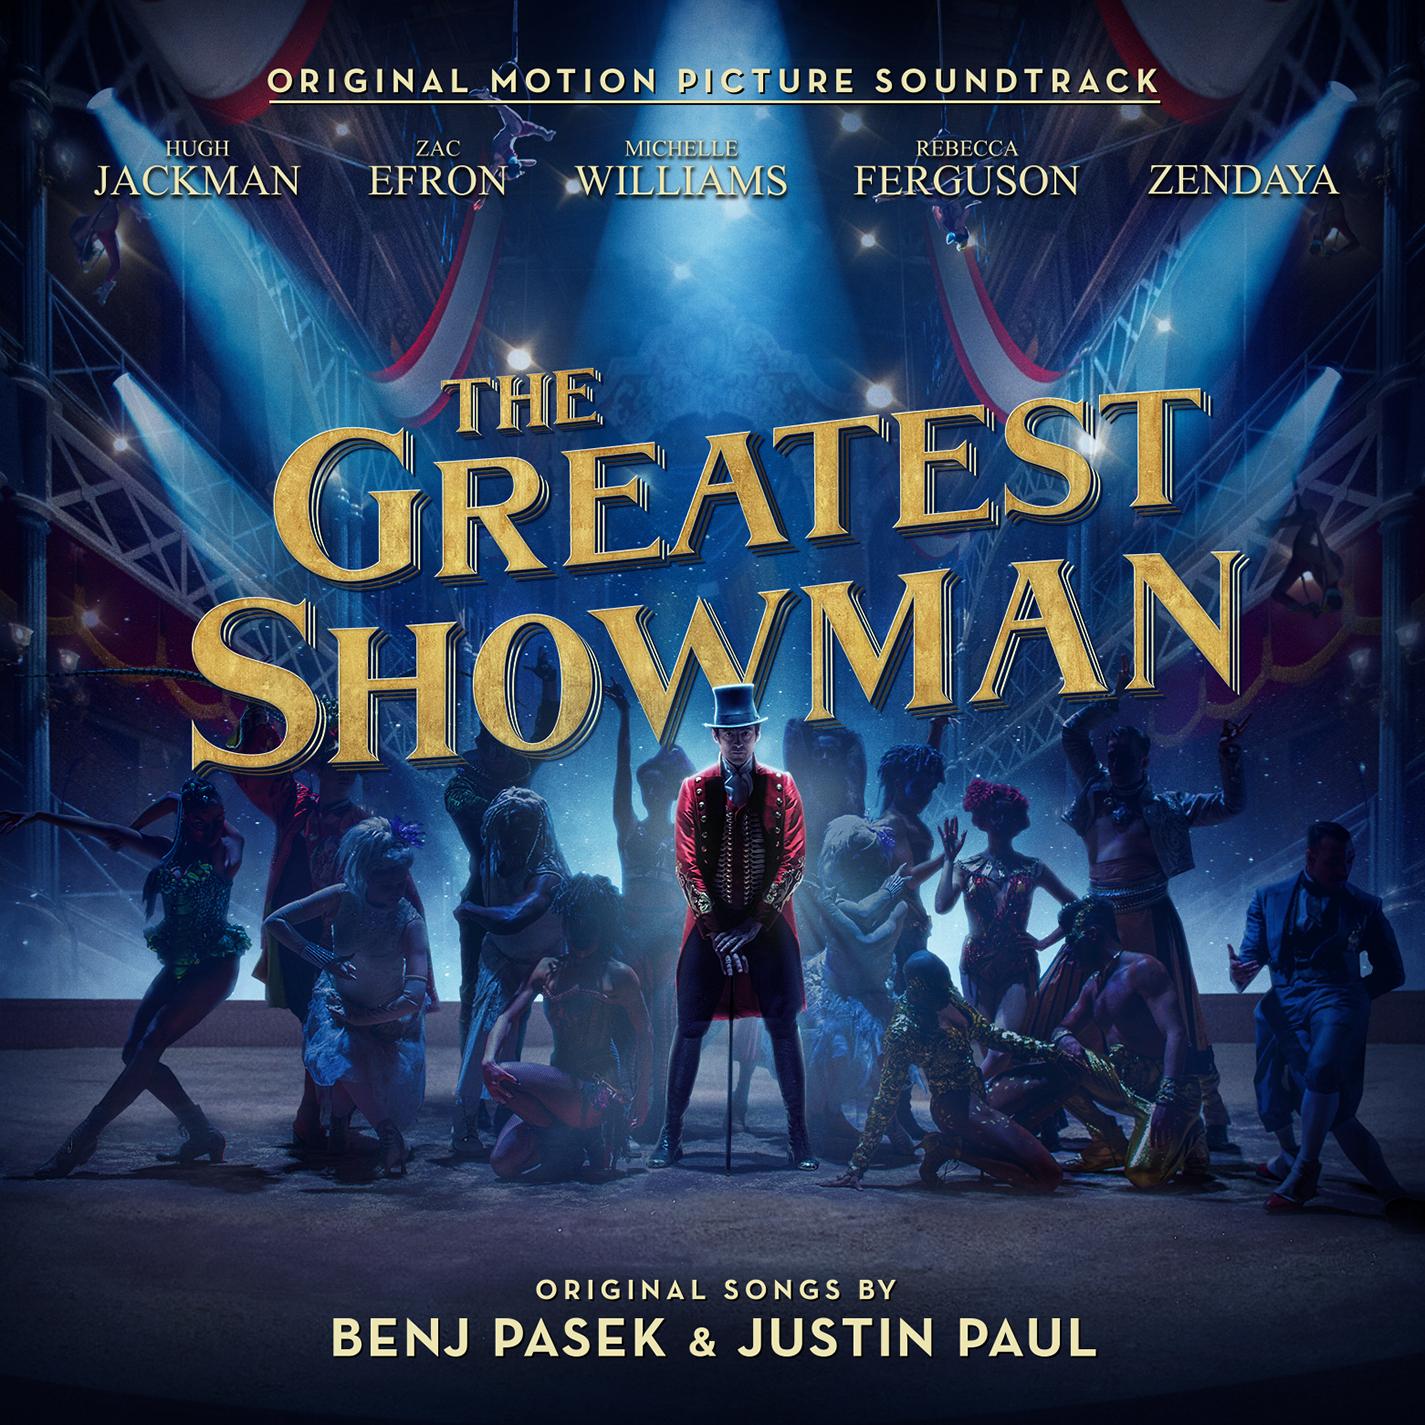 今、映画音楽が熱い! サントラが世界中で大ヒット、『グレイテスト・ショーマン』の音楽の凄さ